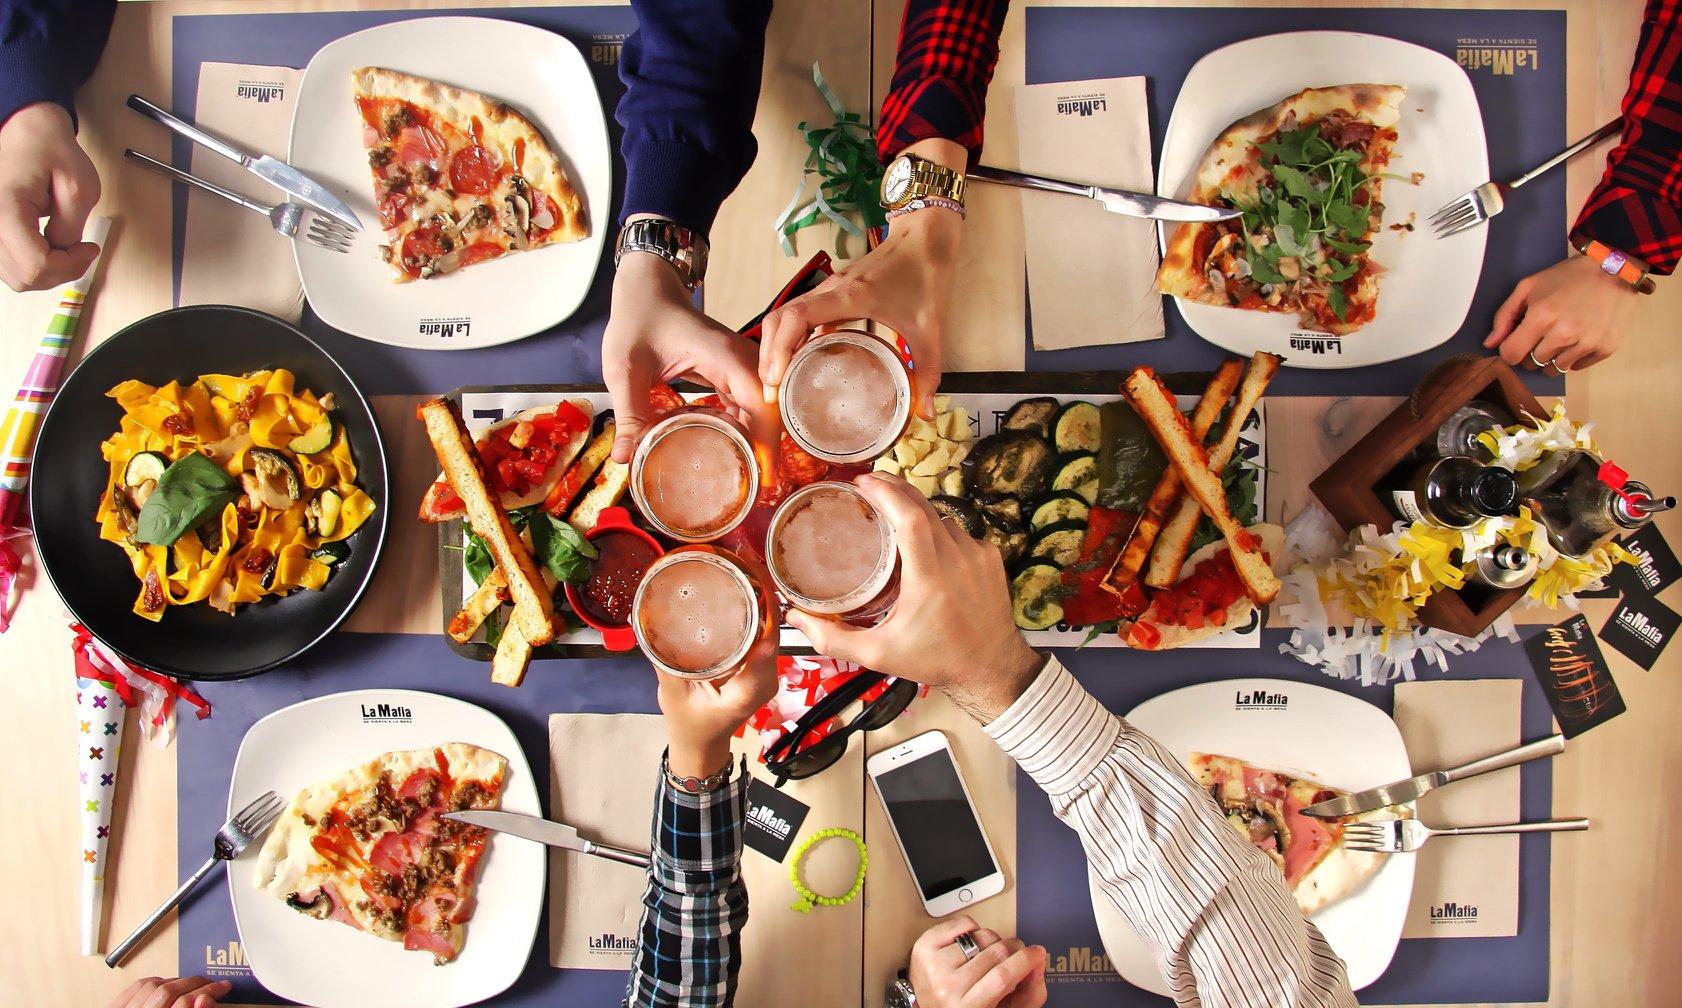 Salir a cenar y otros planes que hacen de un viernes un día especial 2 - Salir a cenar y otros planes que hacen de un viernes un día especial